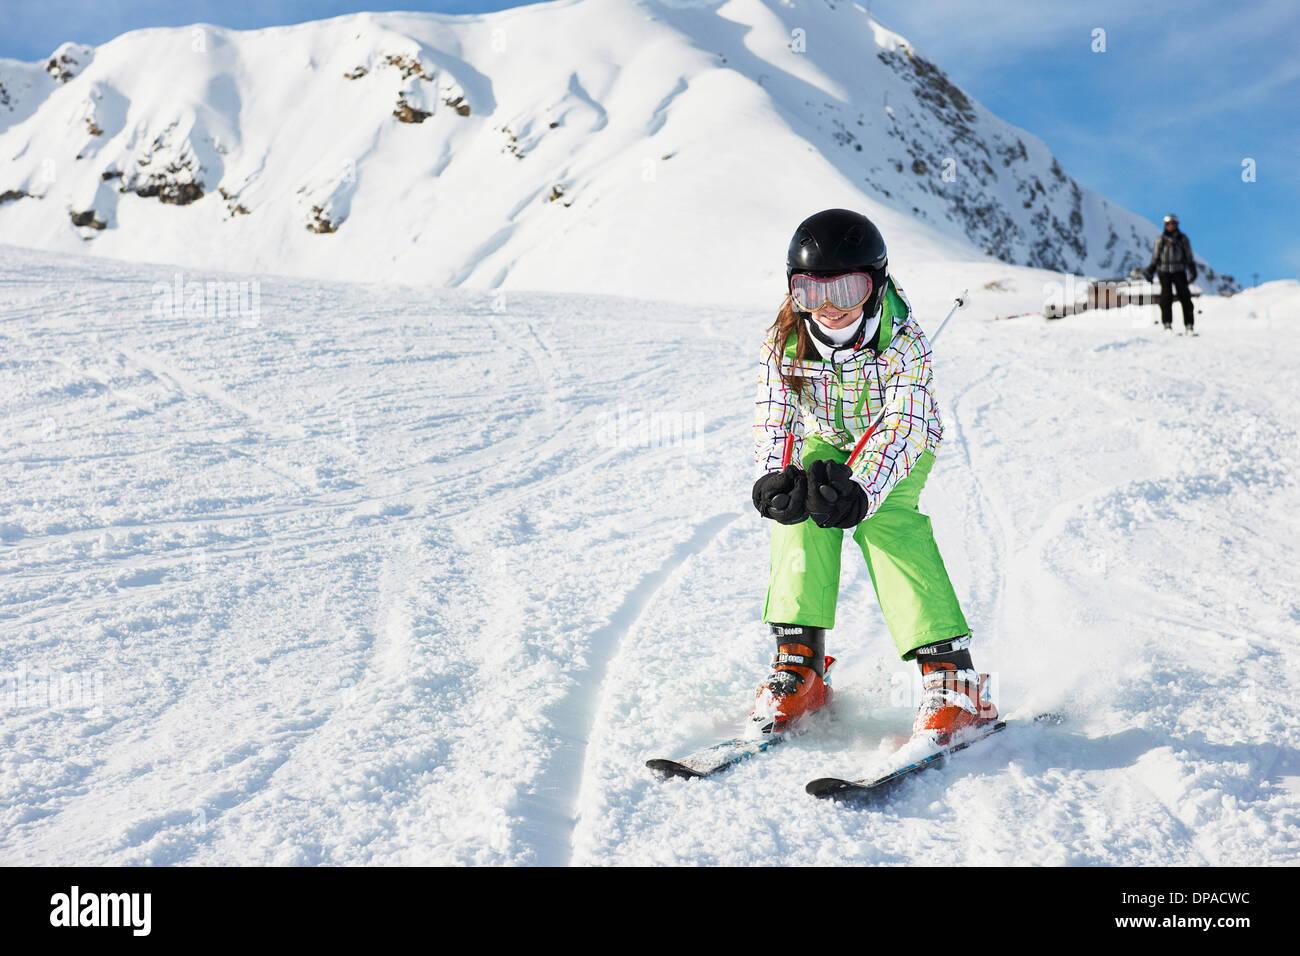 Ragazza giovane sci, Les Arcs, Alta Savoia, Francia Immagini Stock